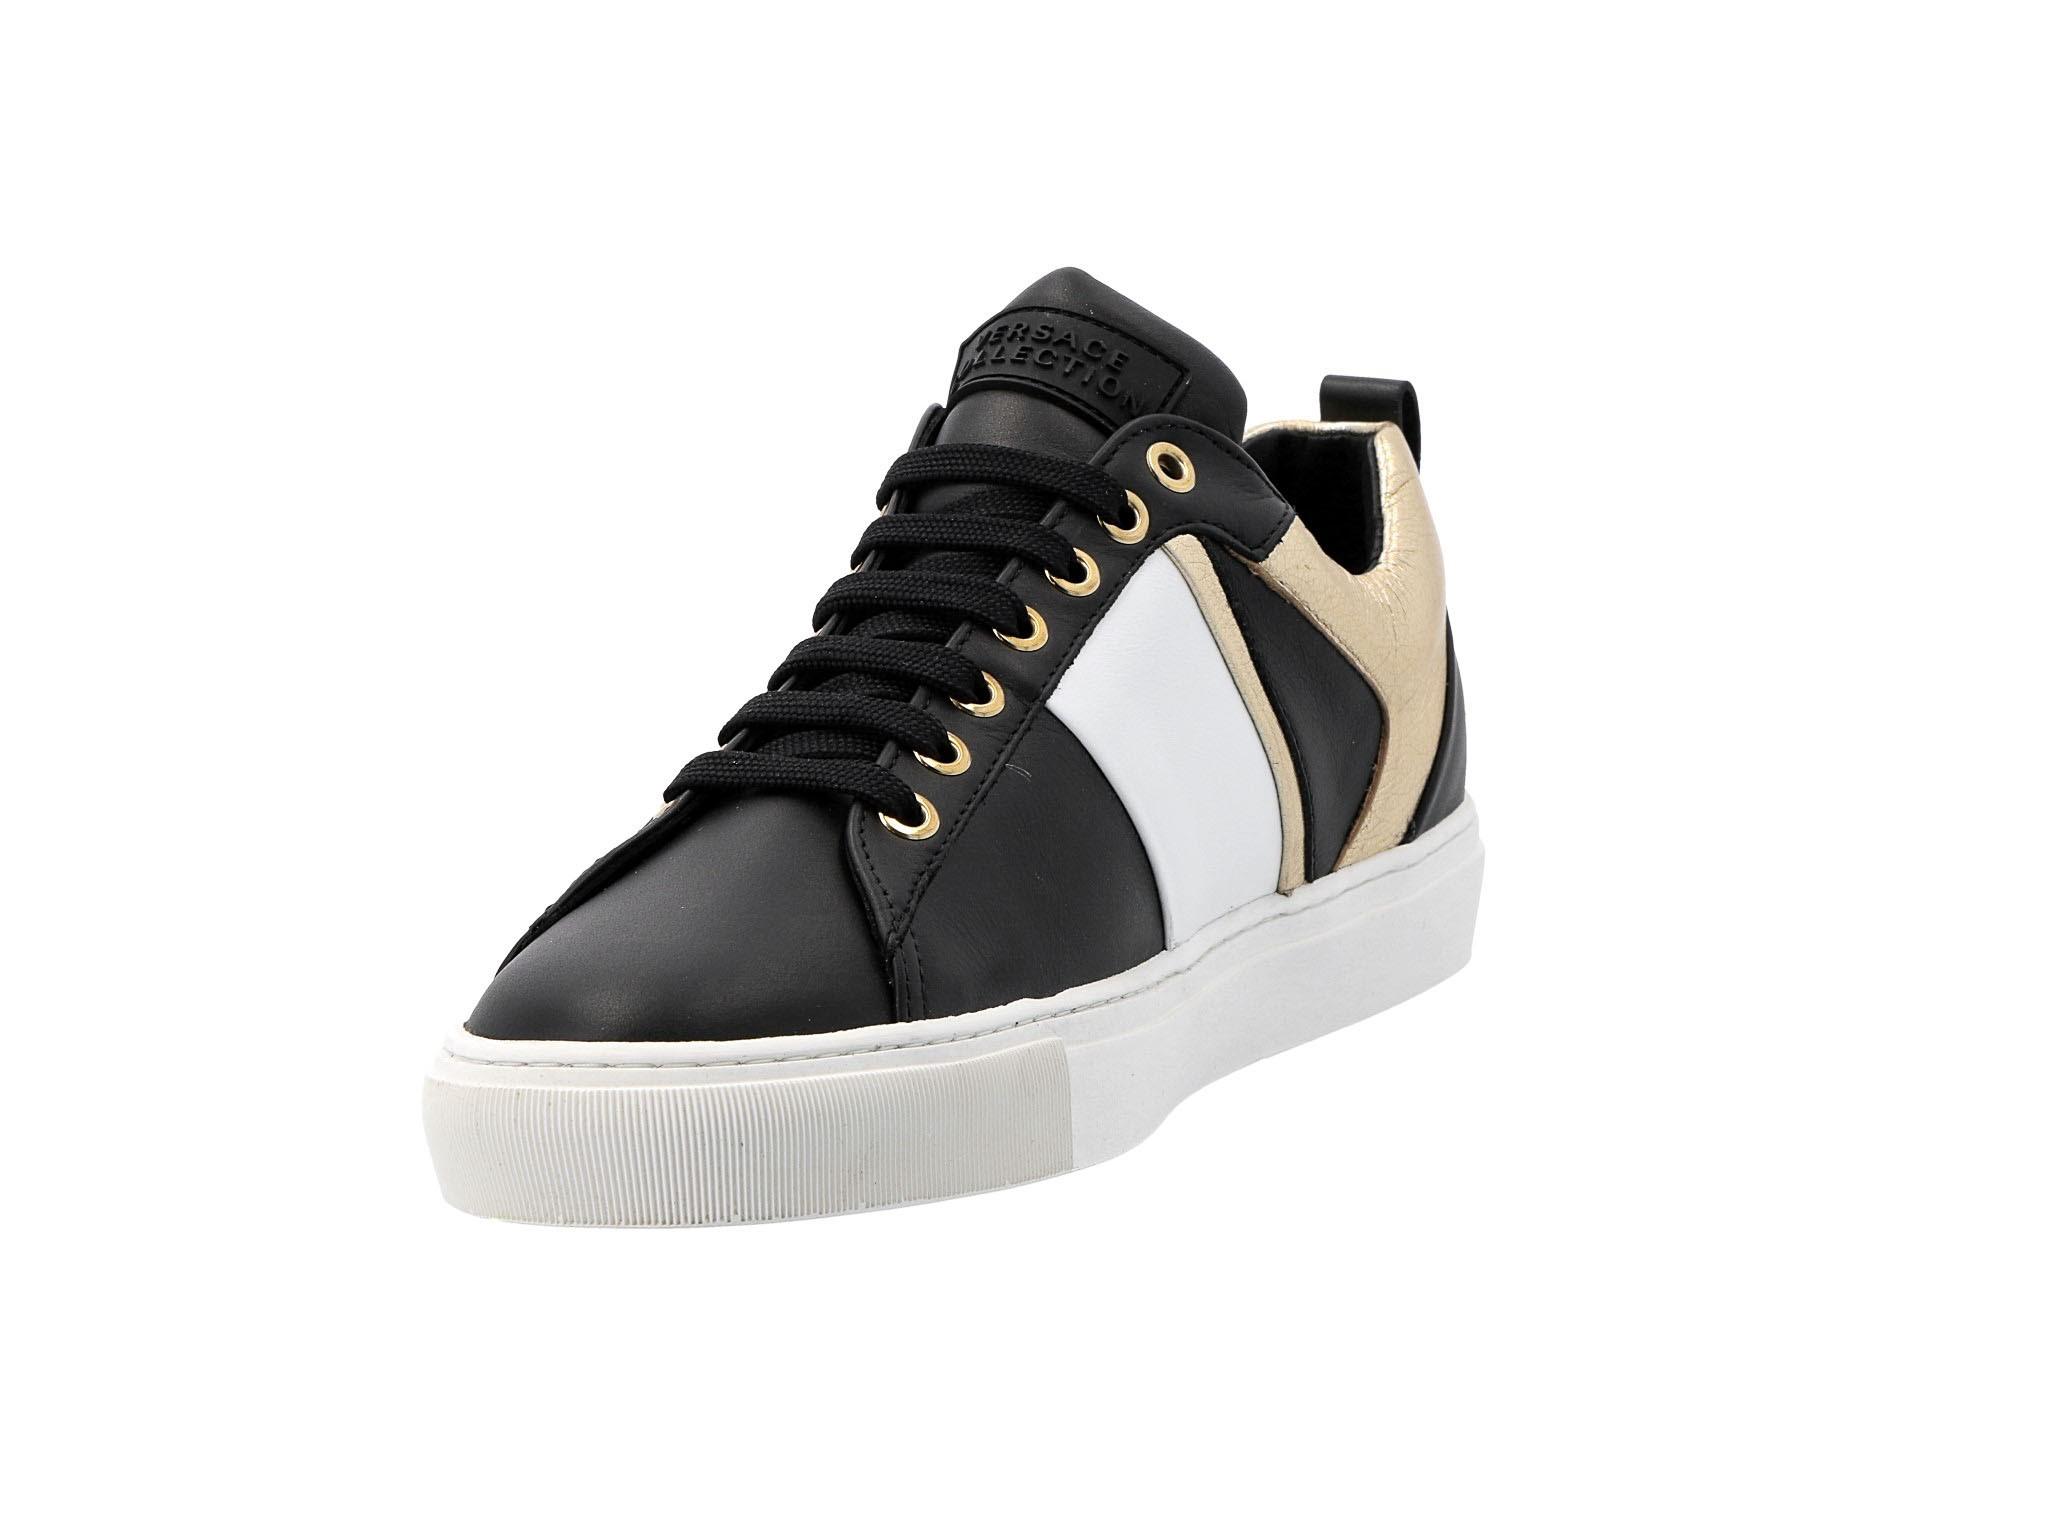 da679e3cb24b4 ... Sneakersy VERSACE COLLECTION - V900714 VM00392 V660H Nero/Bianco/Oro  Chiaro ...